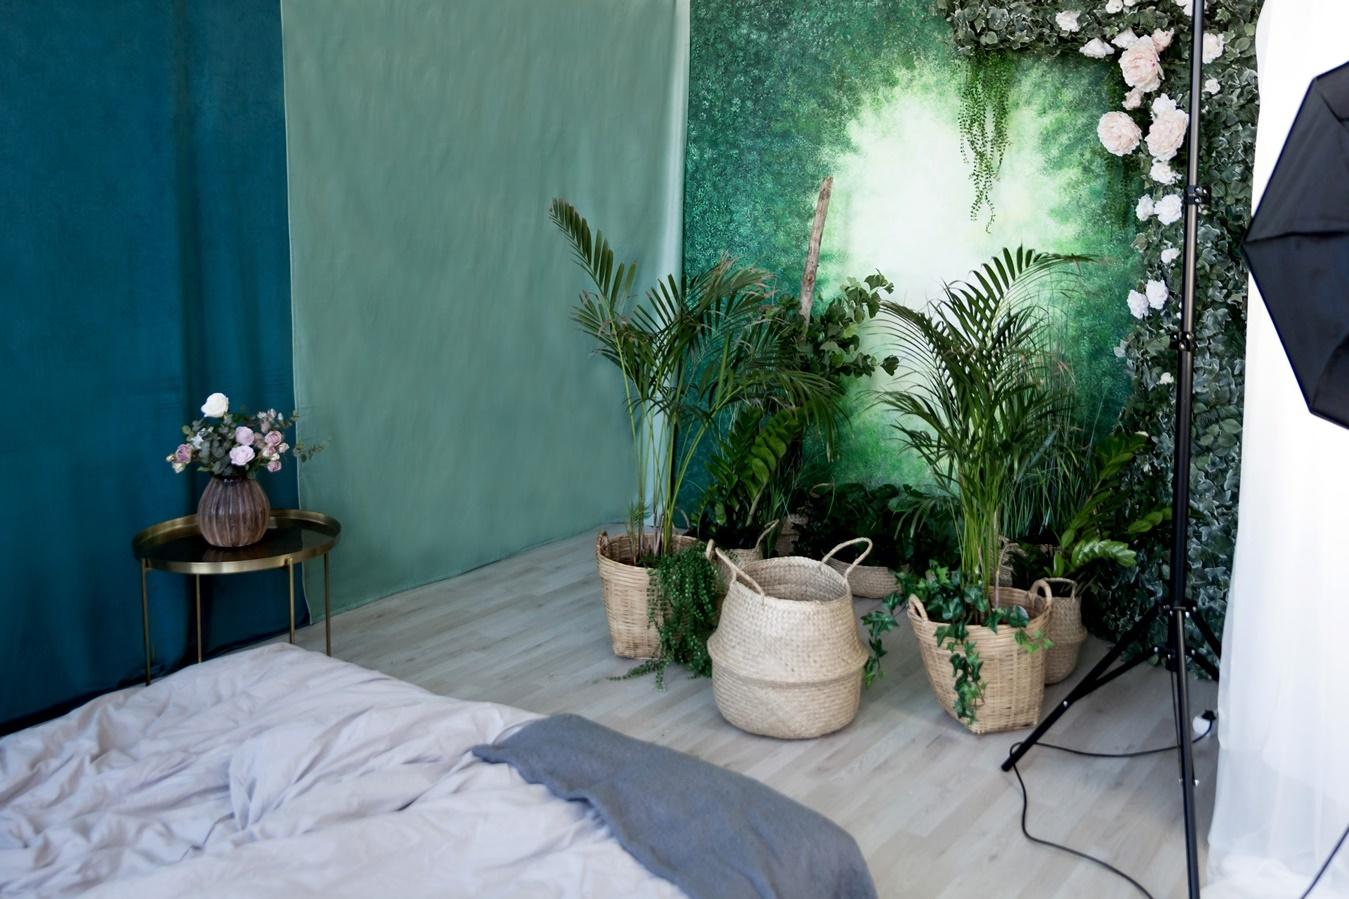 Studio miljö vår 2019 frokenfotostudio.se Fröken Foto Studio fotograf Malin Richardsson Skene Kinna Borås Kungsbacka (3).jpg